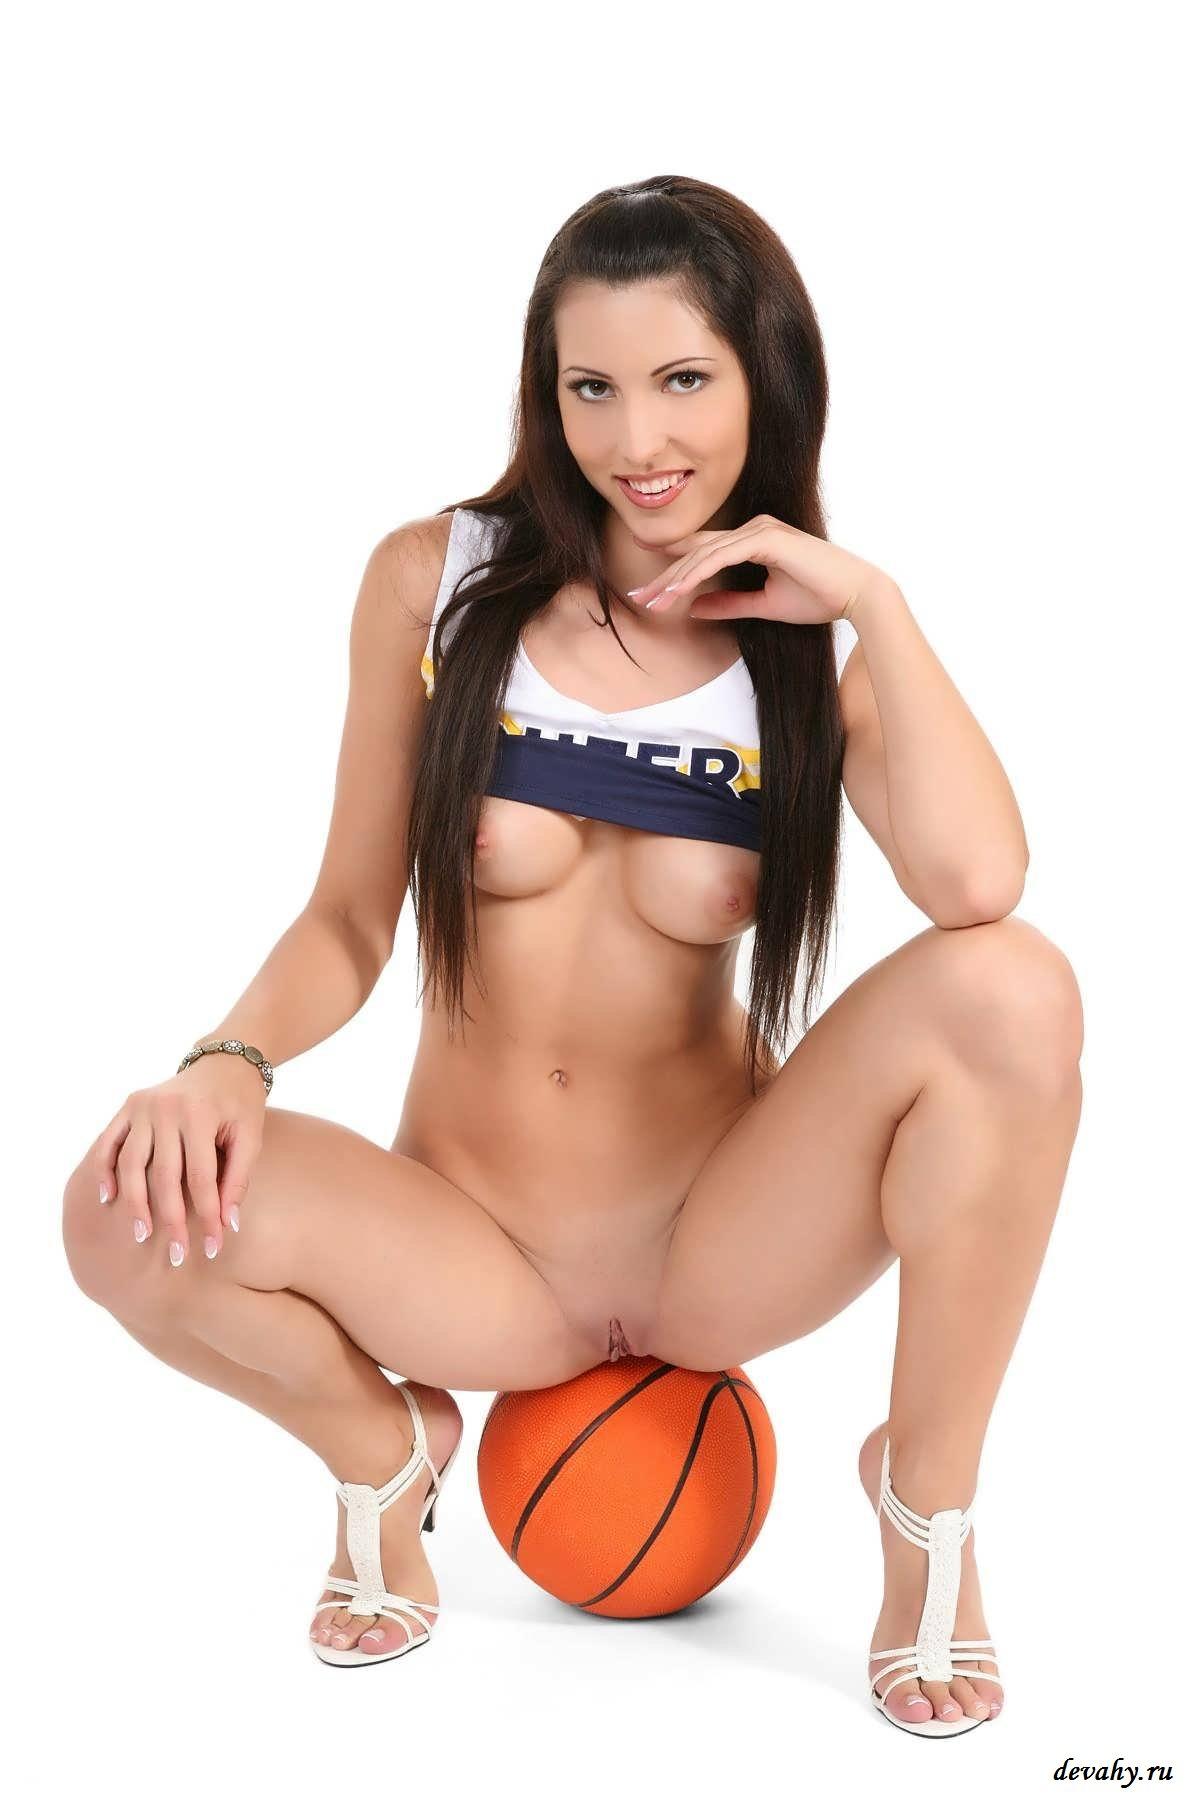 Cheerleader Melissa Vs Britani Knight (paige)